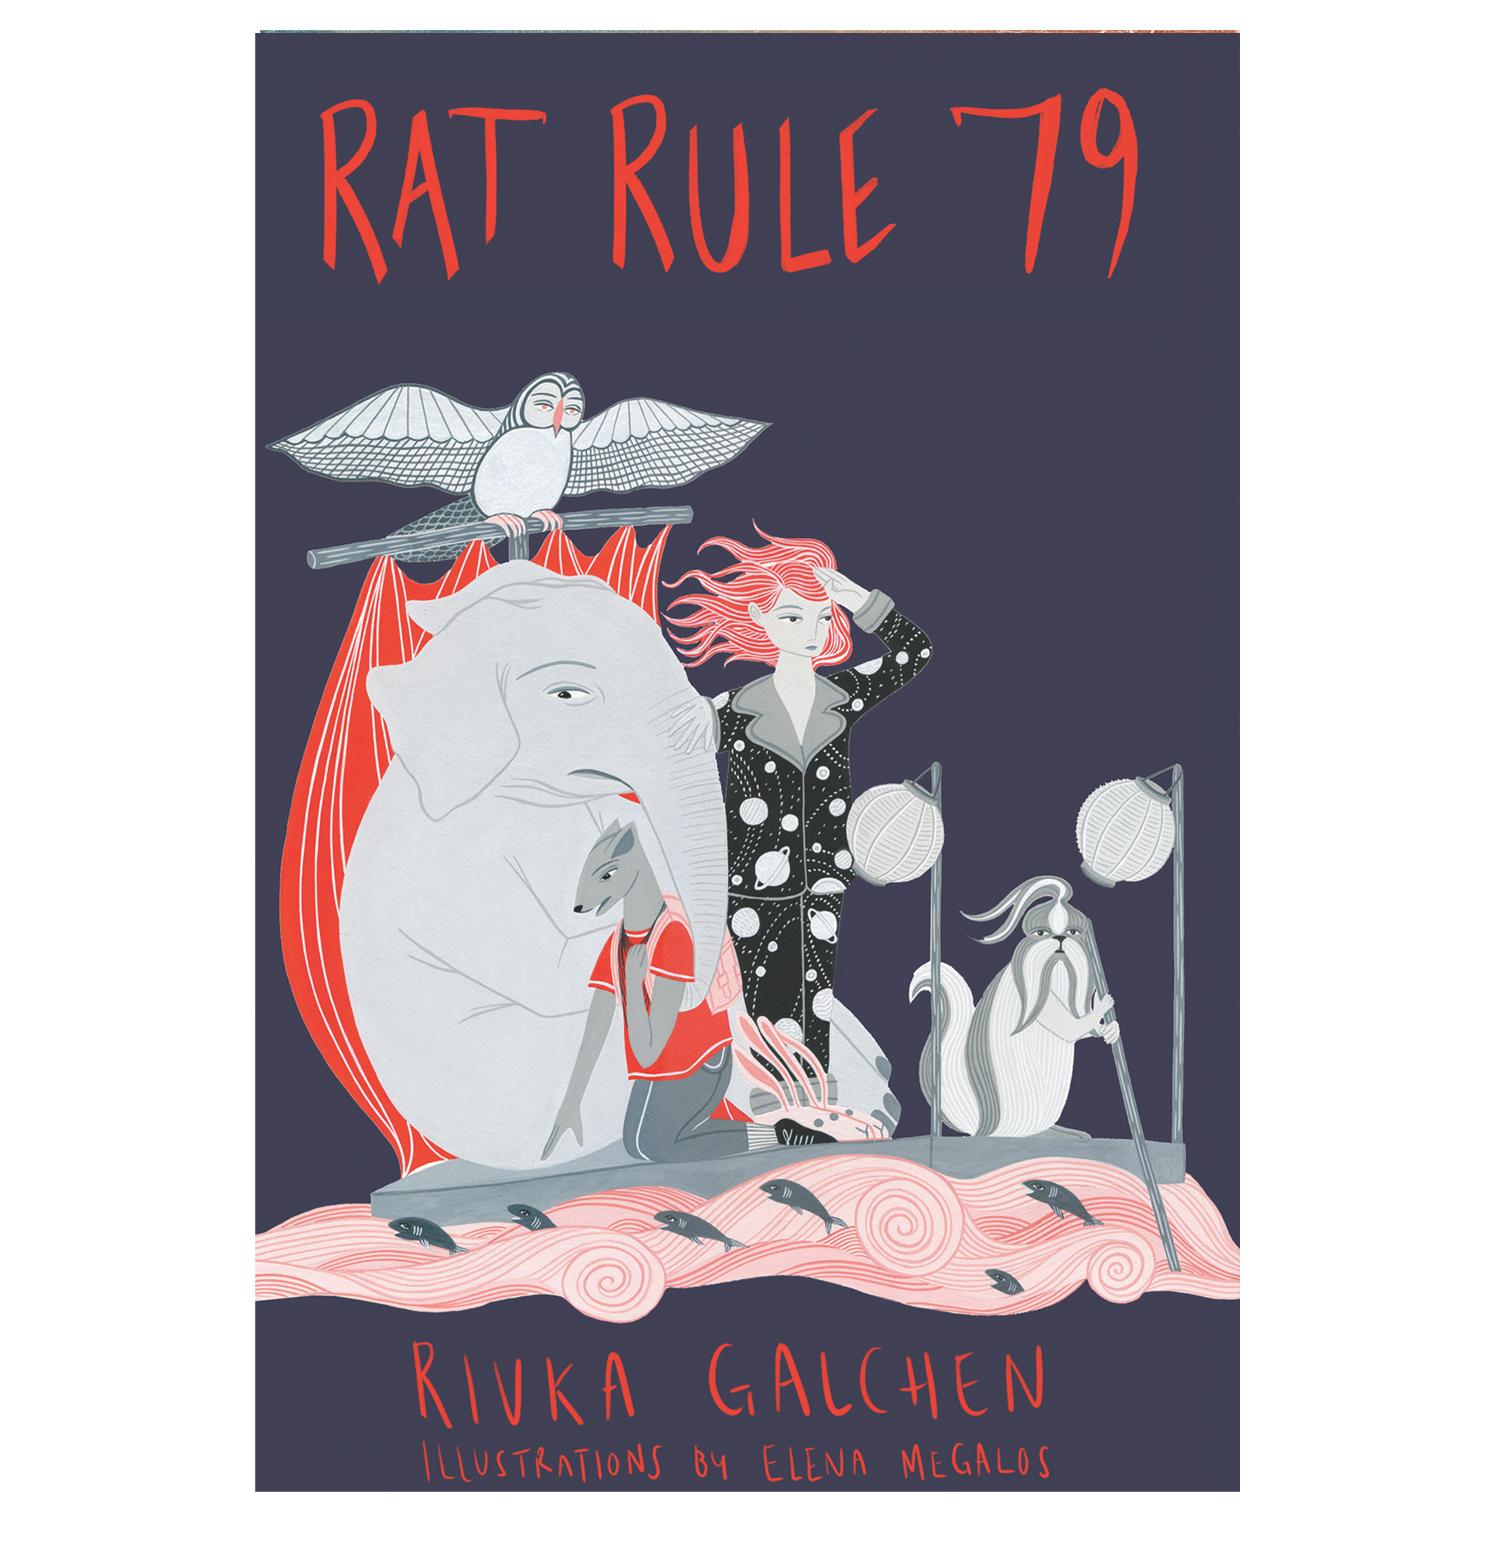 RAT RULE 79 for website.png